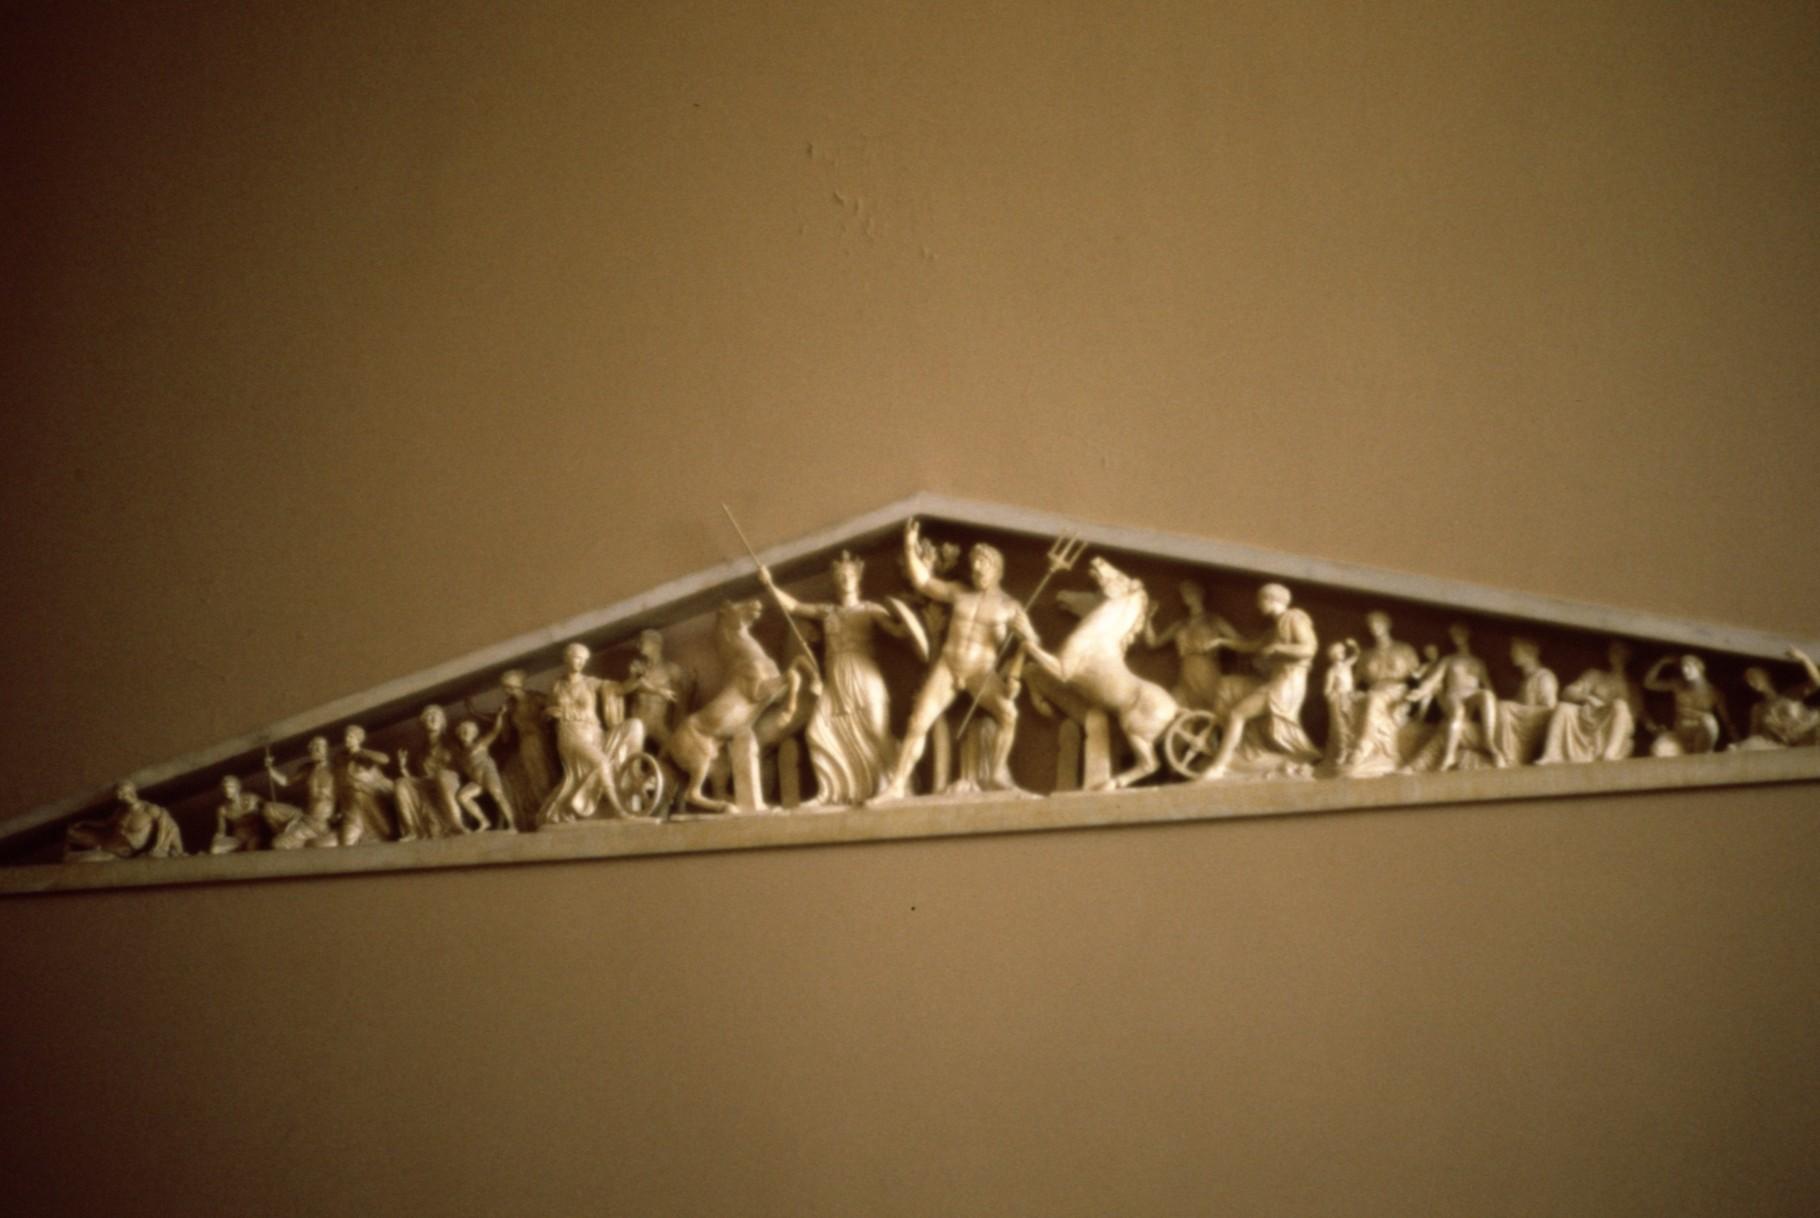 パルテノンの破風の彫刻の縮小模型